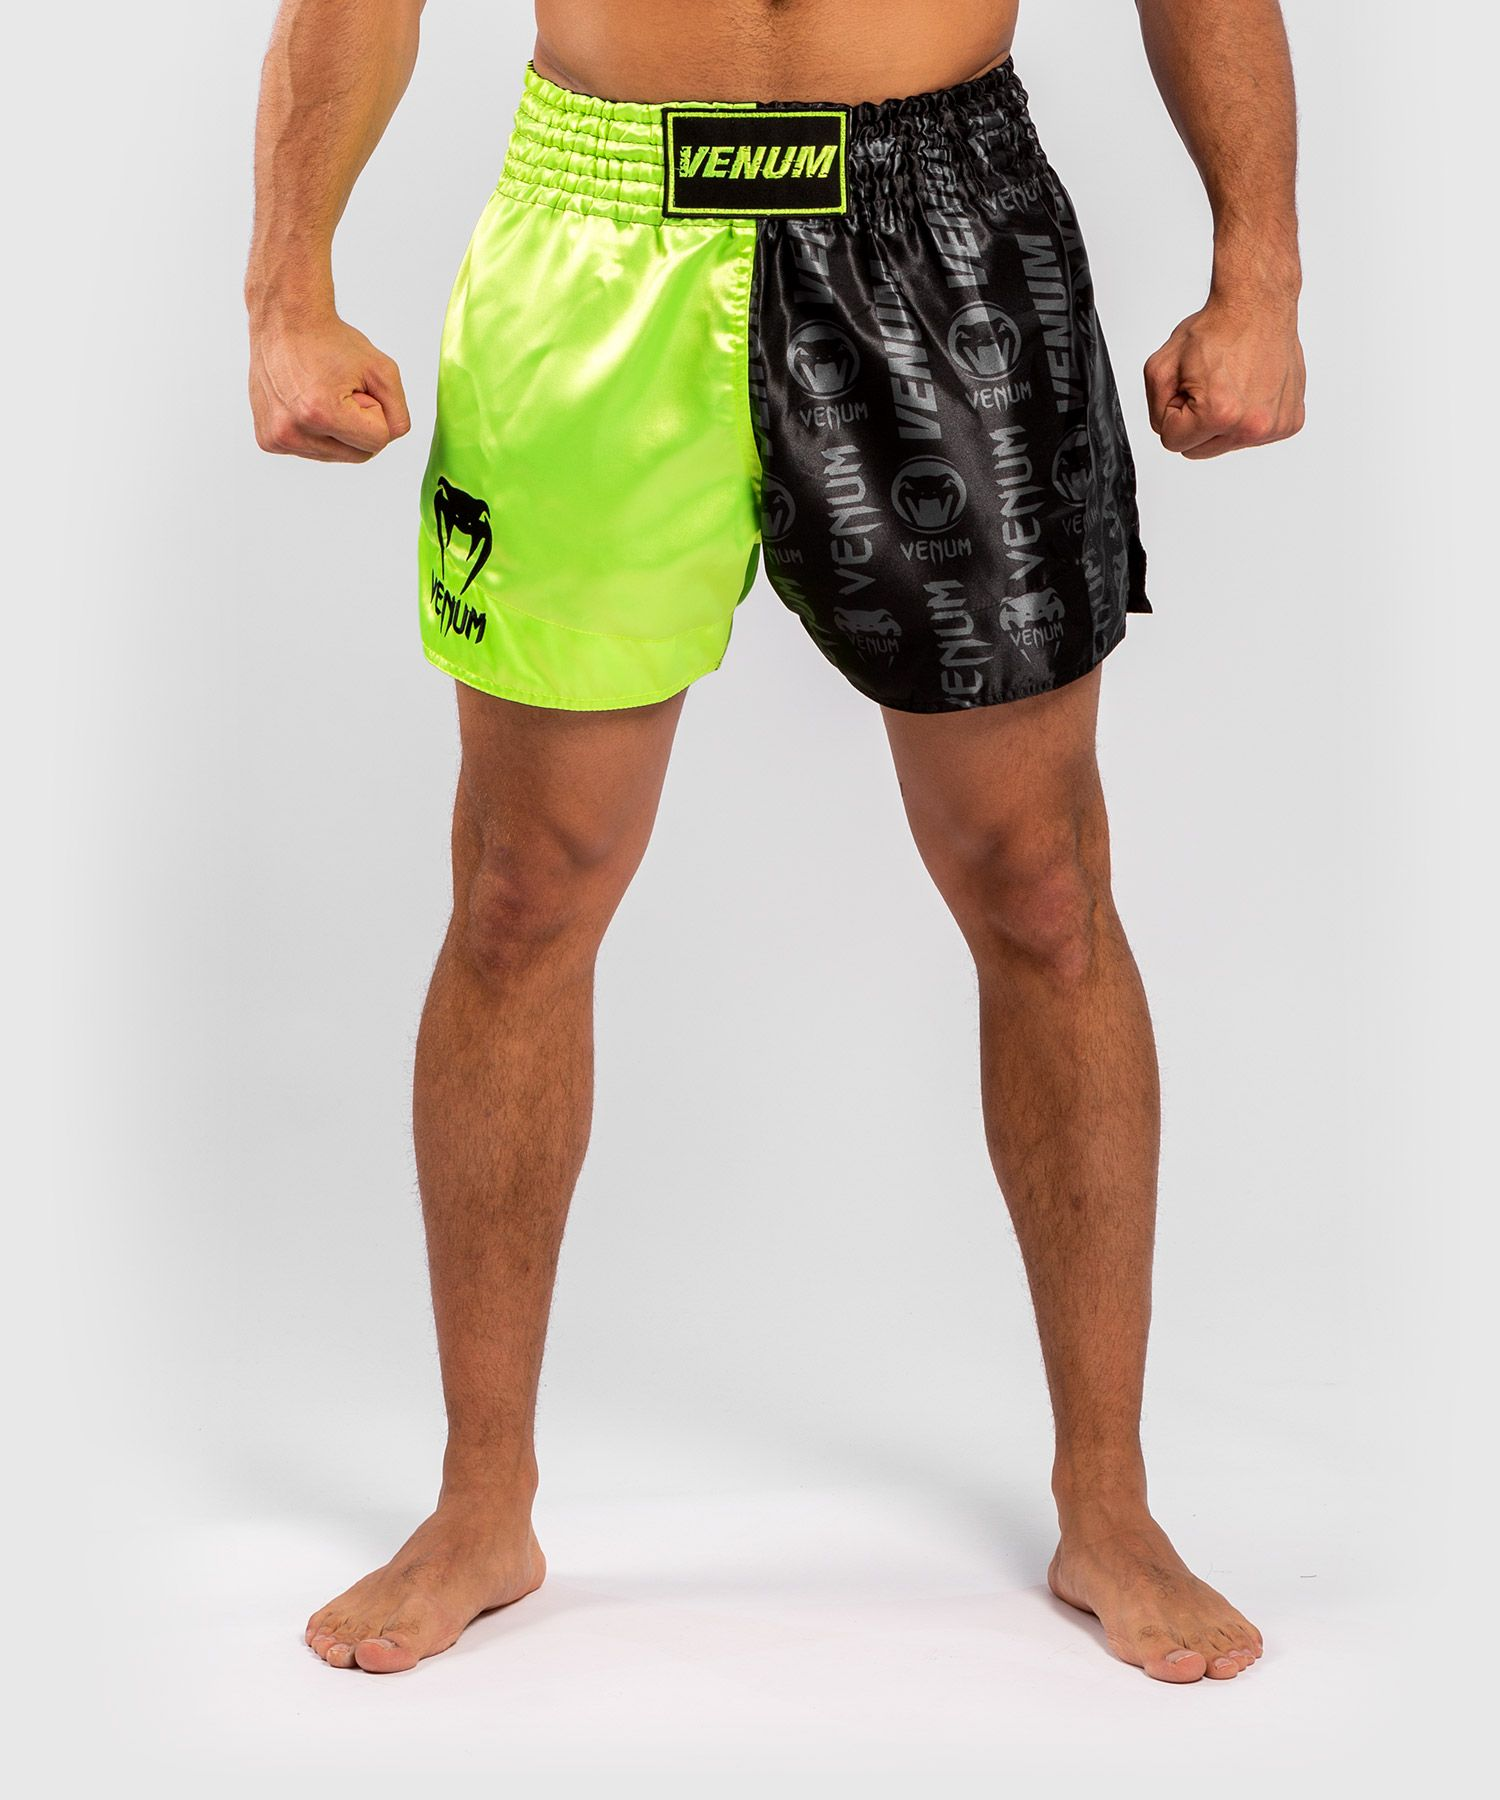 Pantalones cortos Venum Logos Muay Thai - Negro/Amarillo